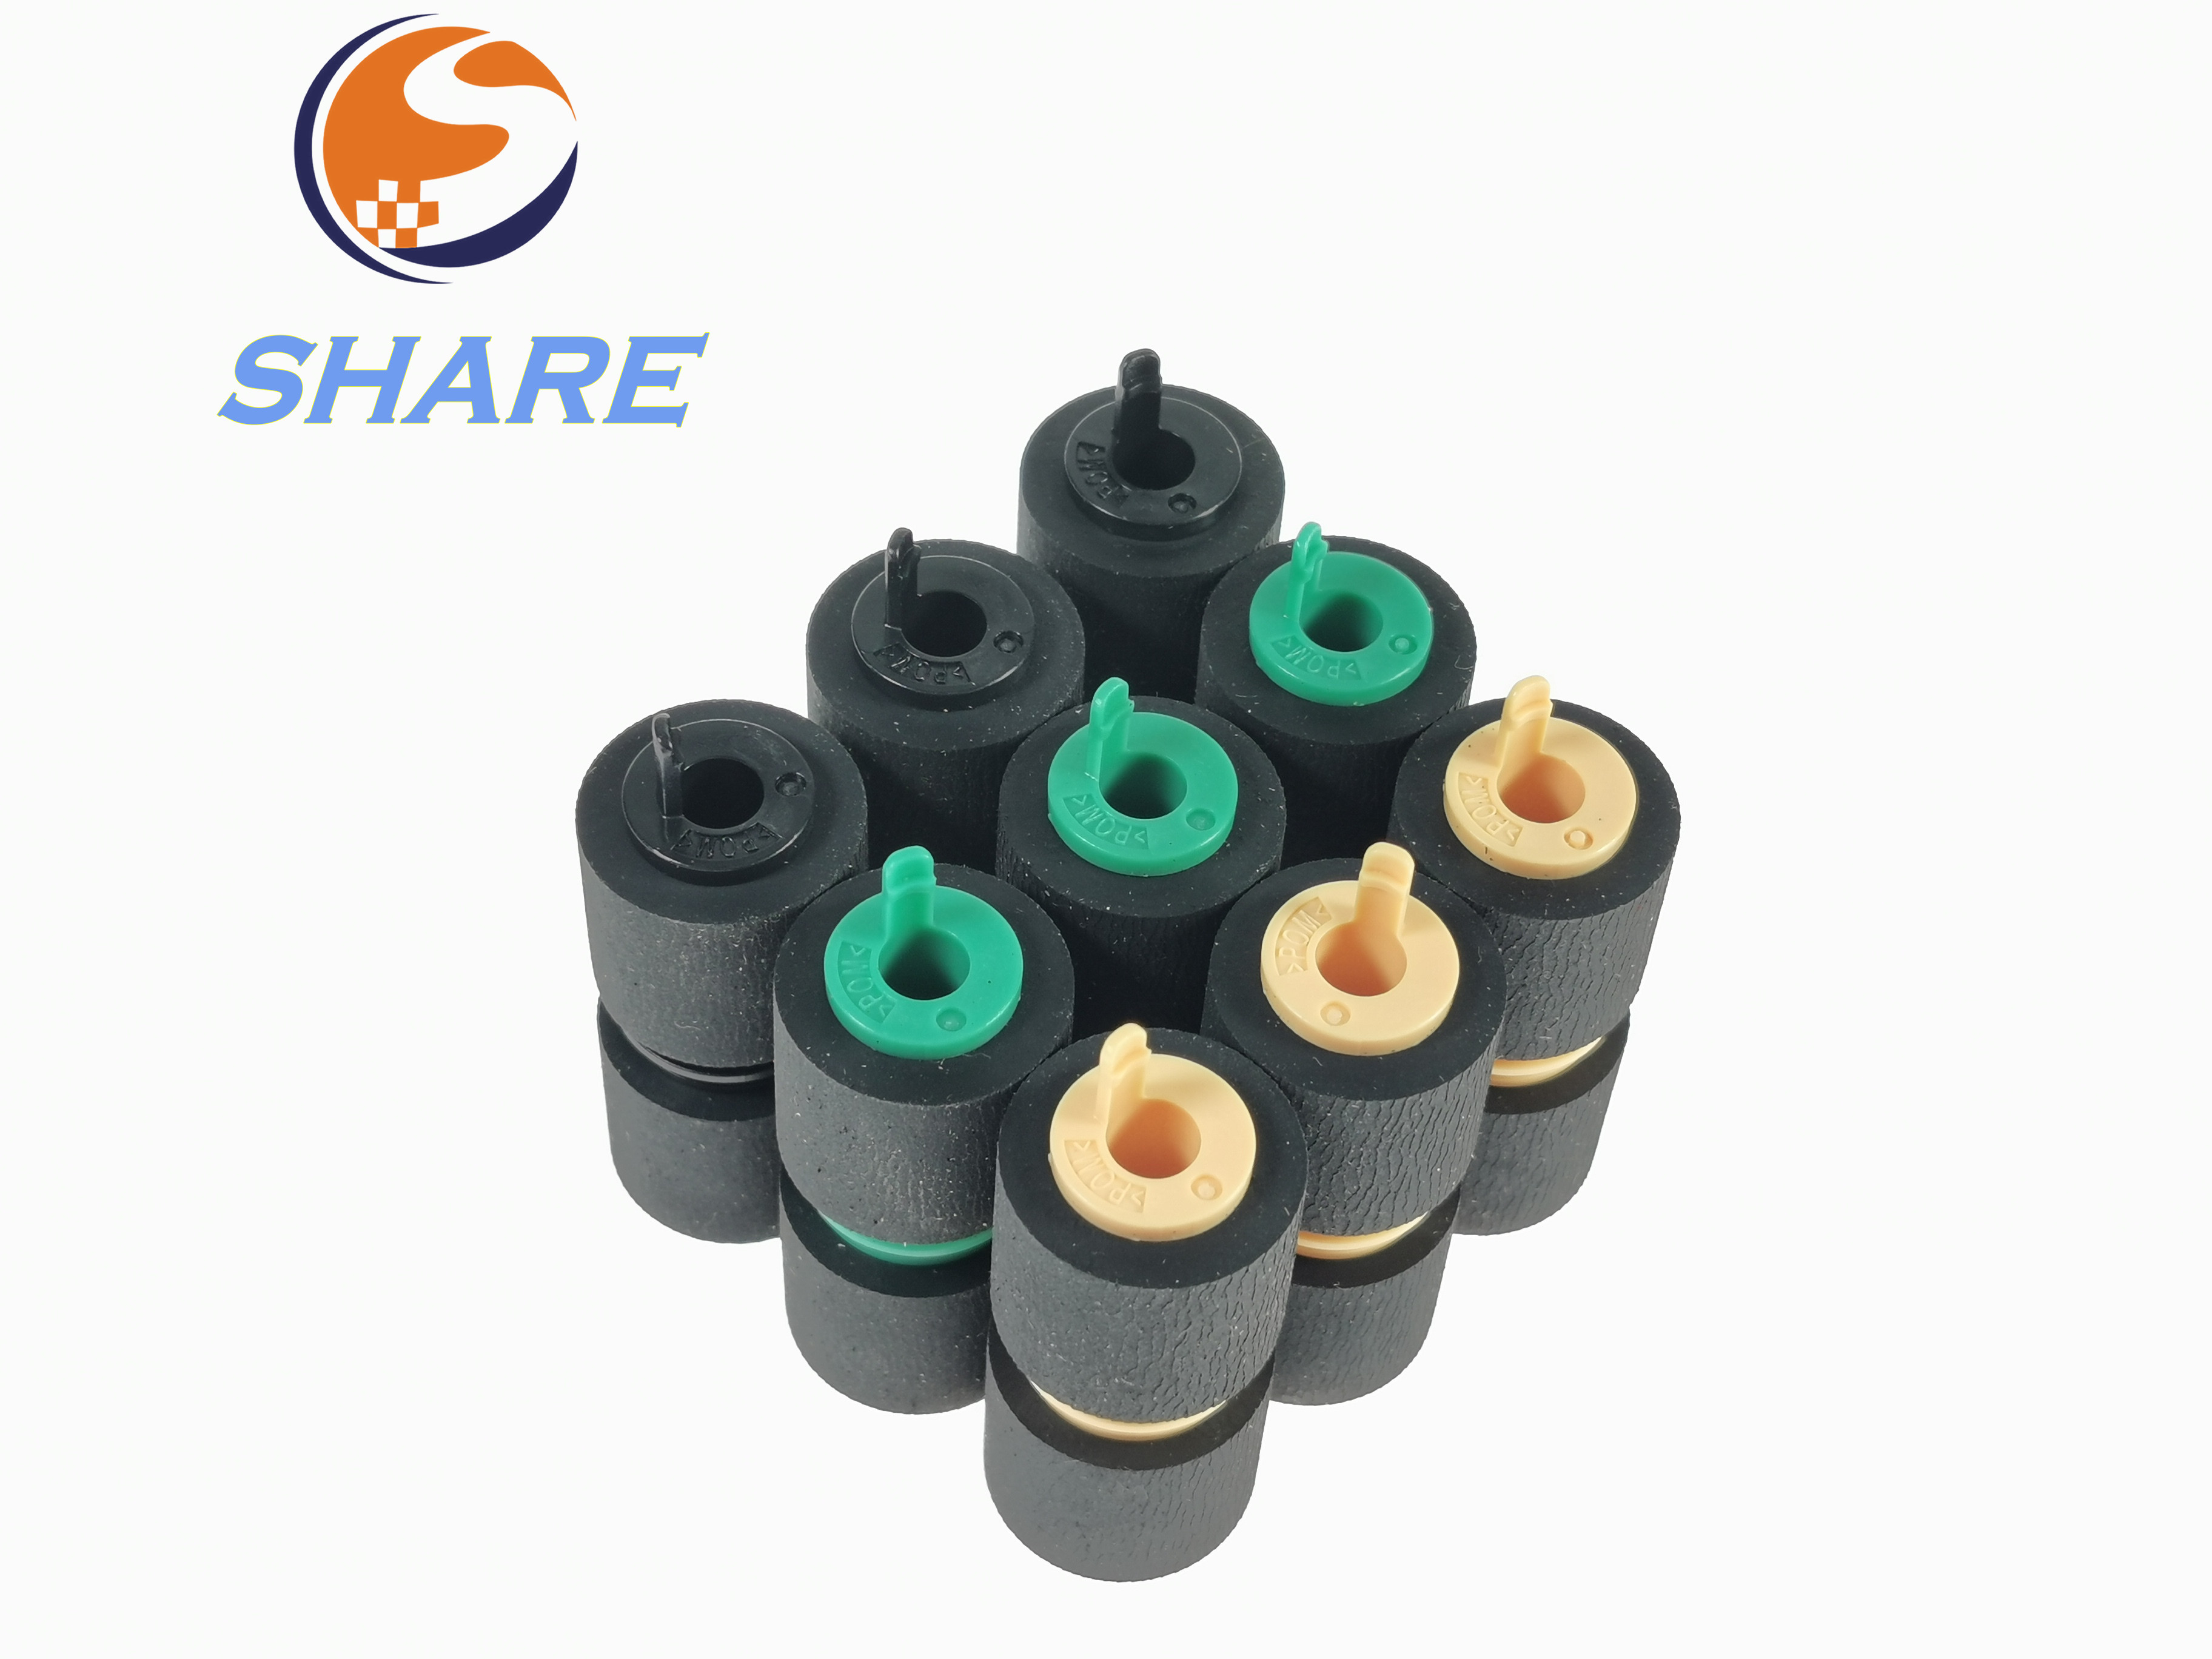 Share 15ps Pickup Roller Kit For Lexmark 954 952 950 For Xerox 7500 7800 5325 5330 5335 7120 7125 7220 7225 7425 7428 7435 7556